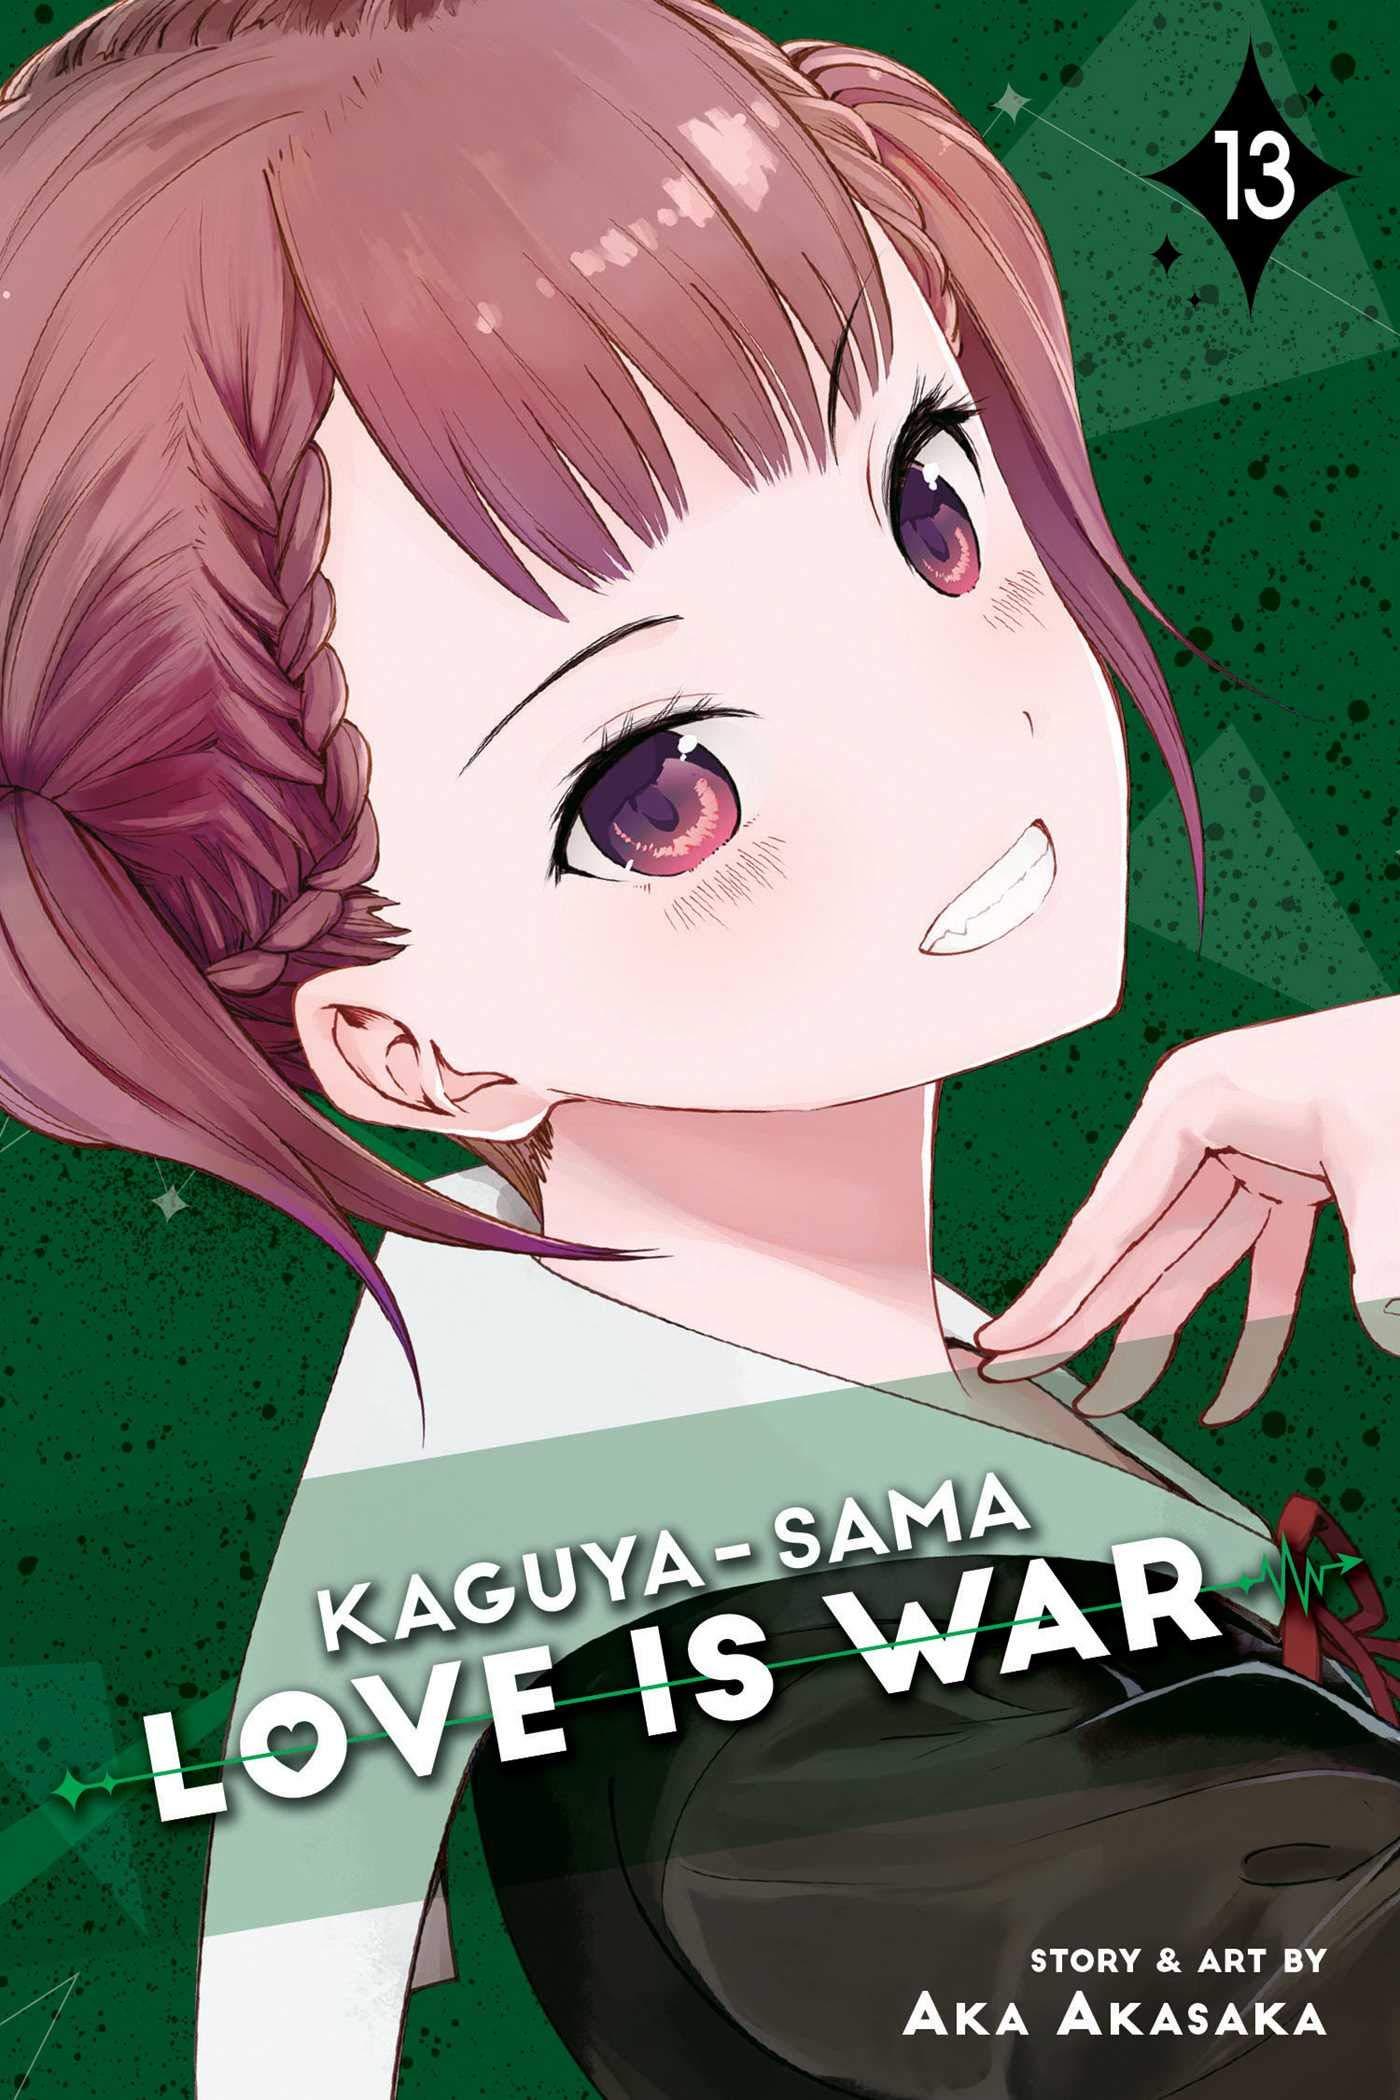 Amazon Com Kaguya Sama Love Is War Vol 13 13 9781974710713 Akasaka Aka Books